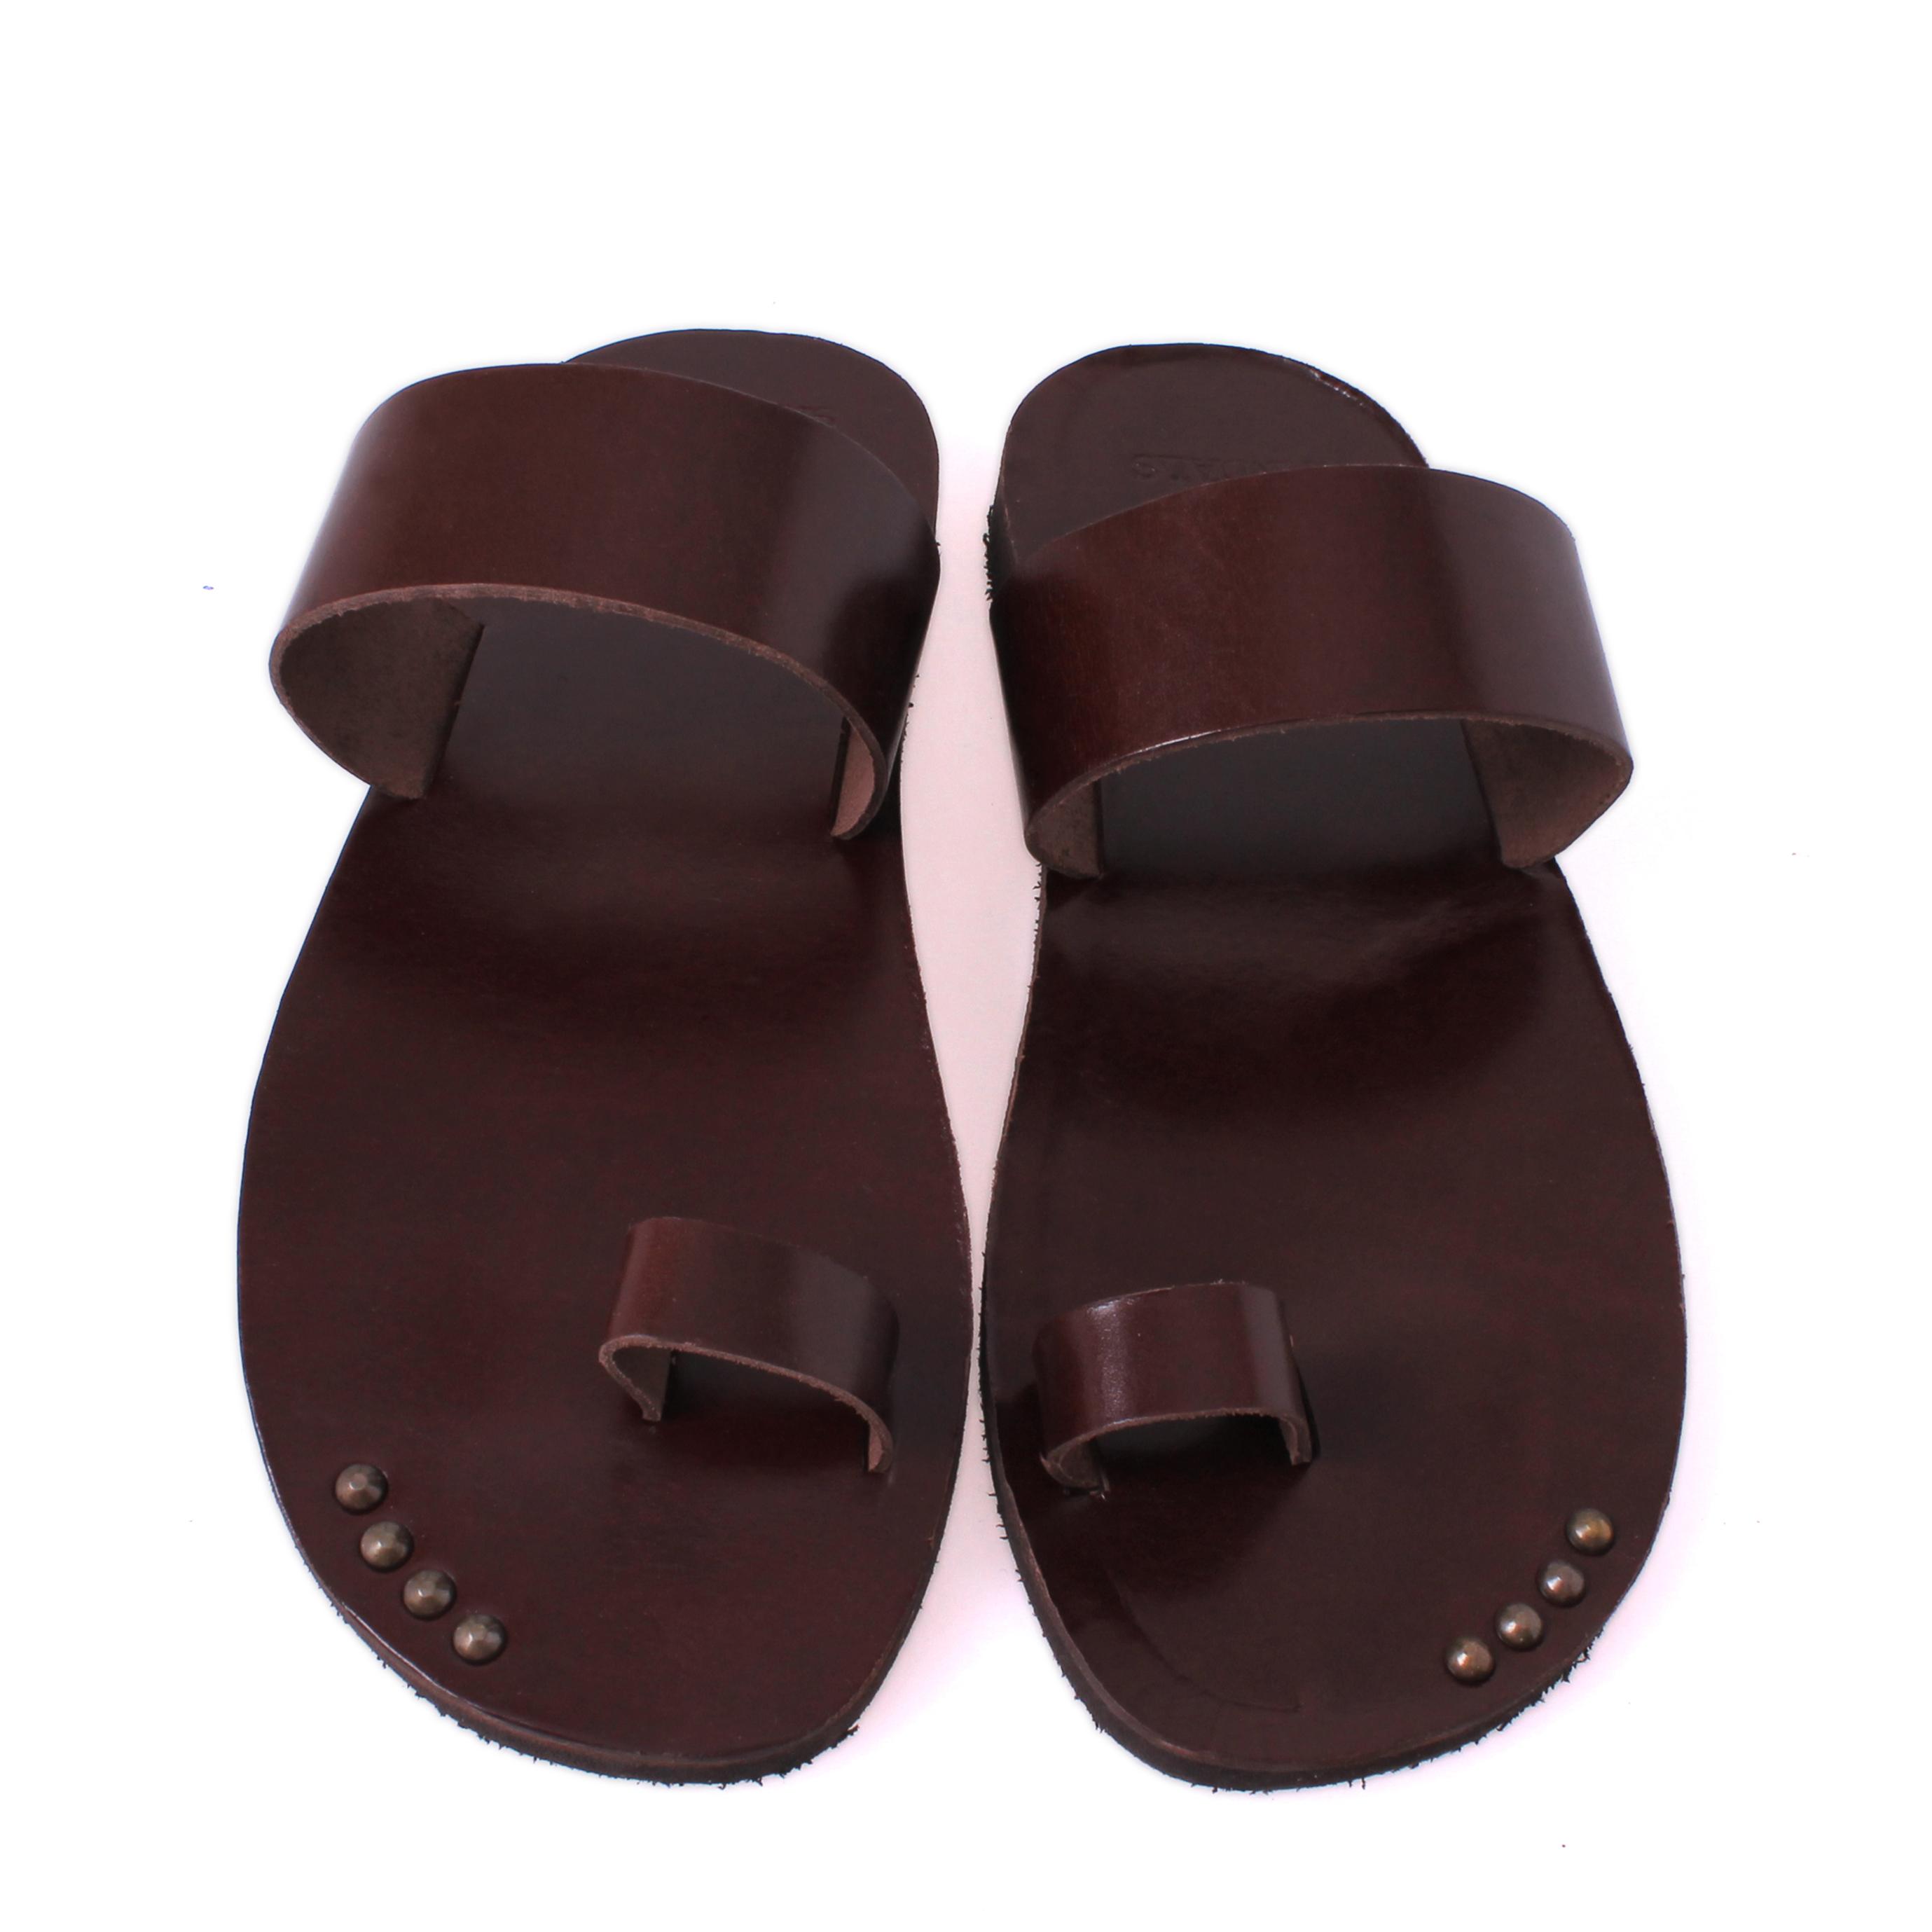 87a2a9668e7 Chris(62)-Men Leather Sandals